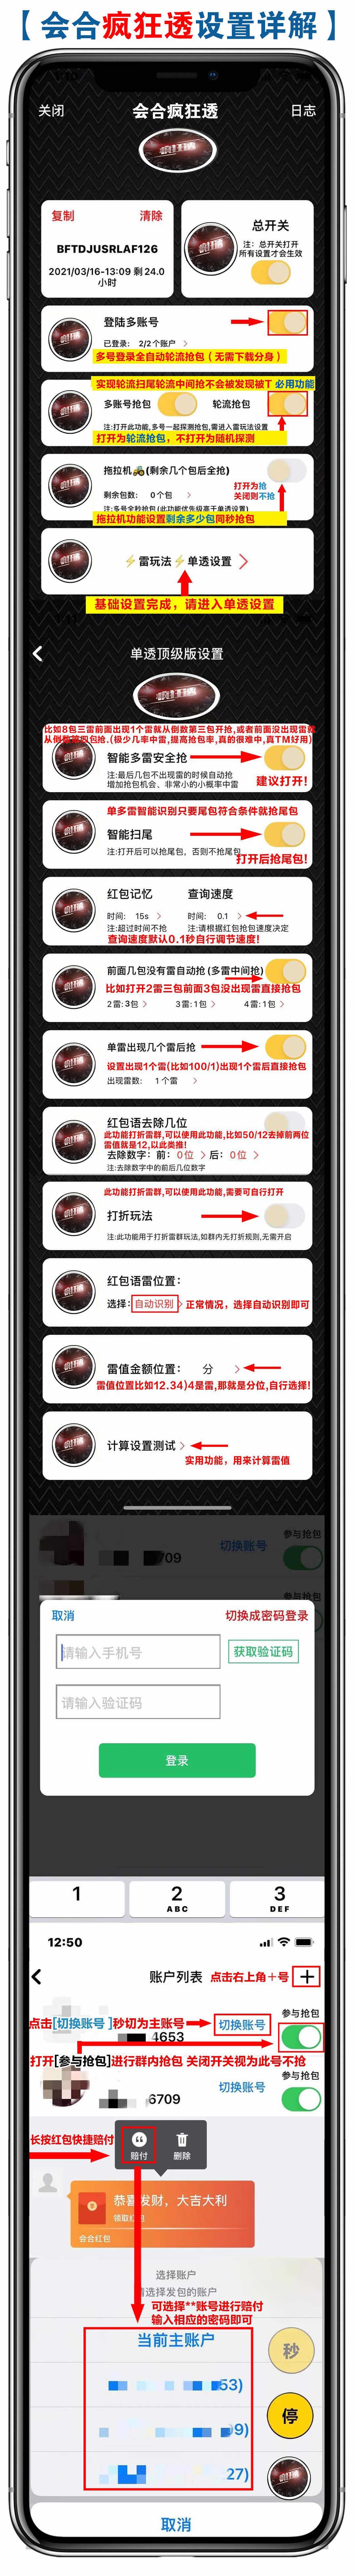 【会合疯狂透天卡】苹果版